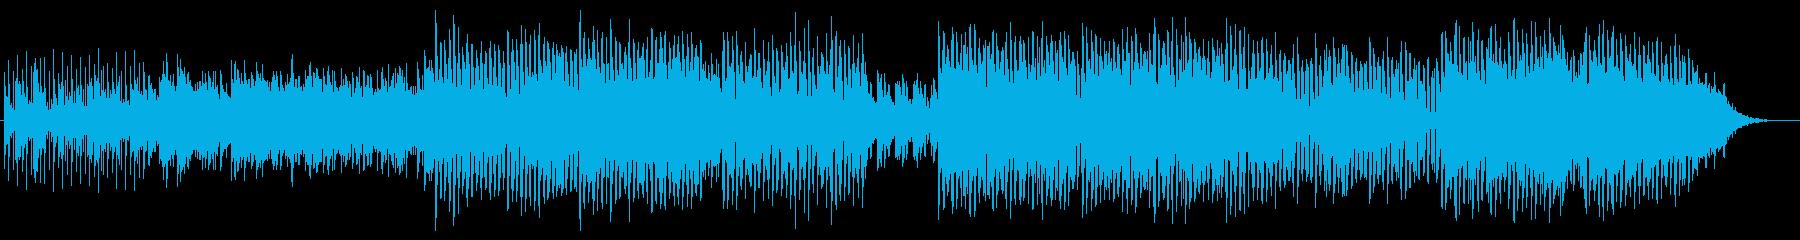 クールでオシャレなBGM ハウスの再生済みの波形